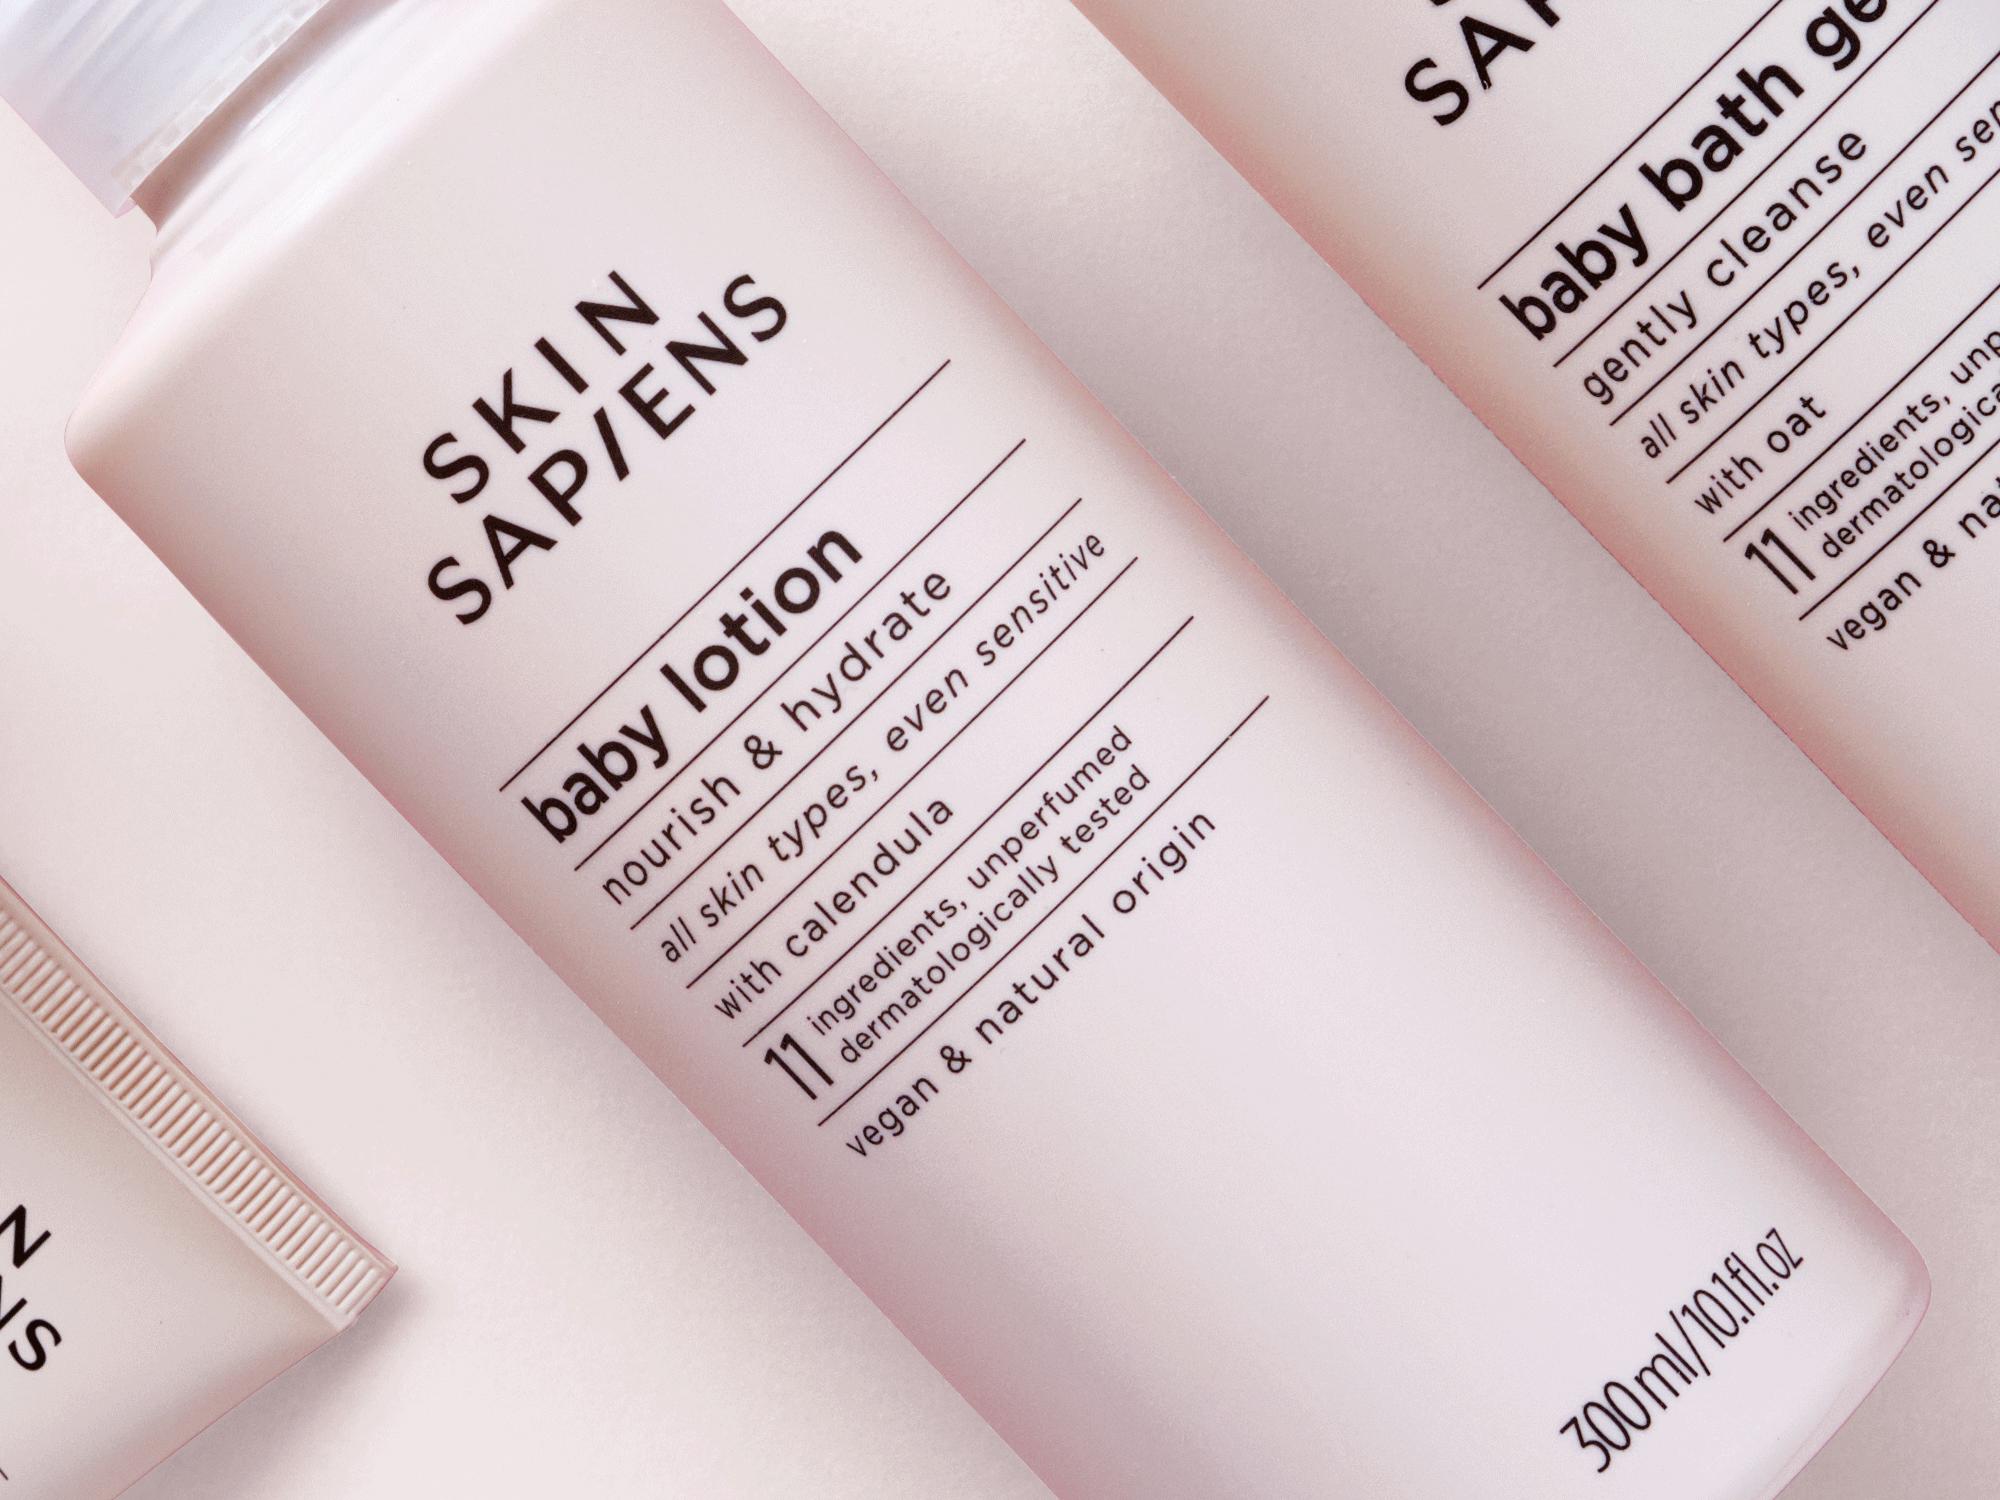 SKIN SAPIENS皮肤护理品牌启用全新的VI和包装设计-深圳品牌设计5